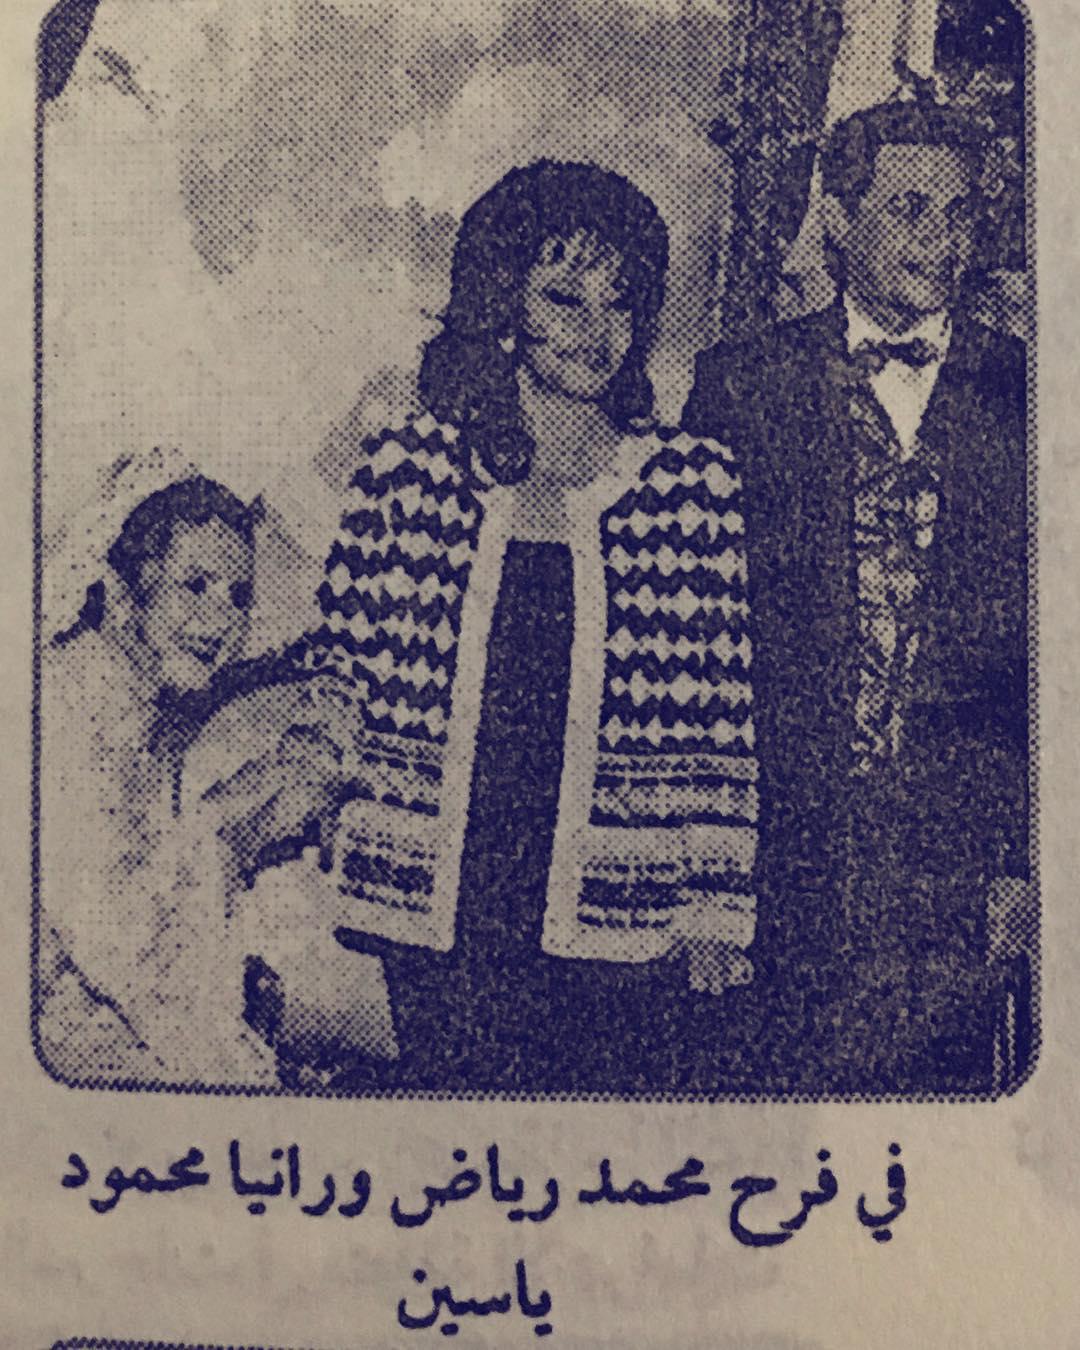 صورة من 21 سنة الفنانة ماجدة فى حفل زفاف محمد رياض ورانيا محمود ياسين اليوم السابع